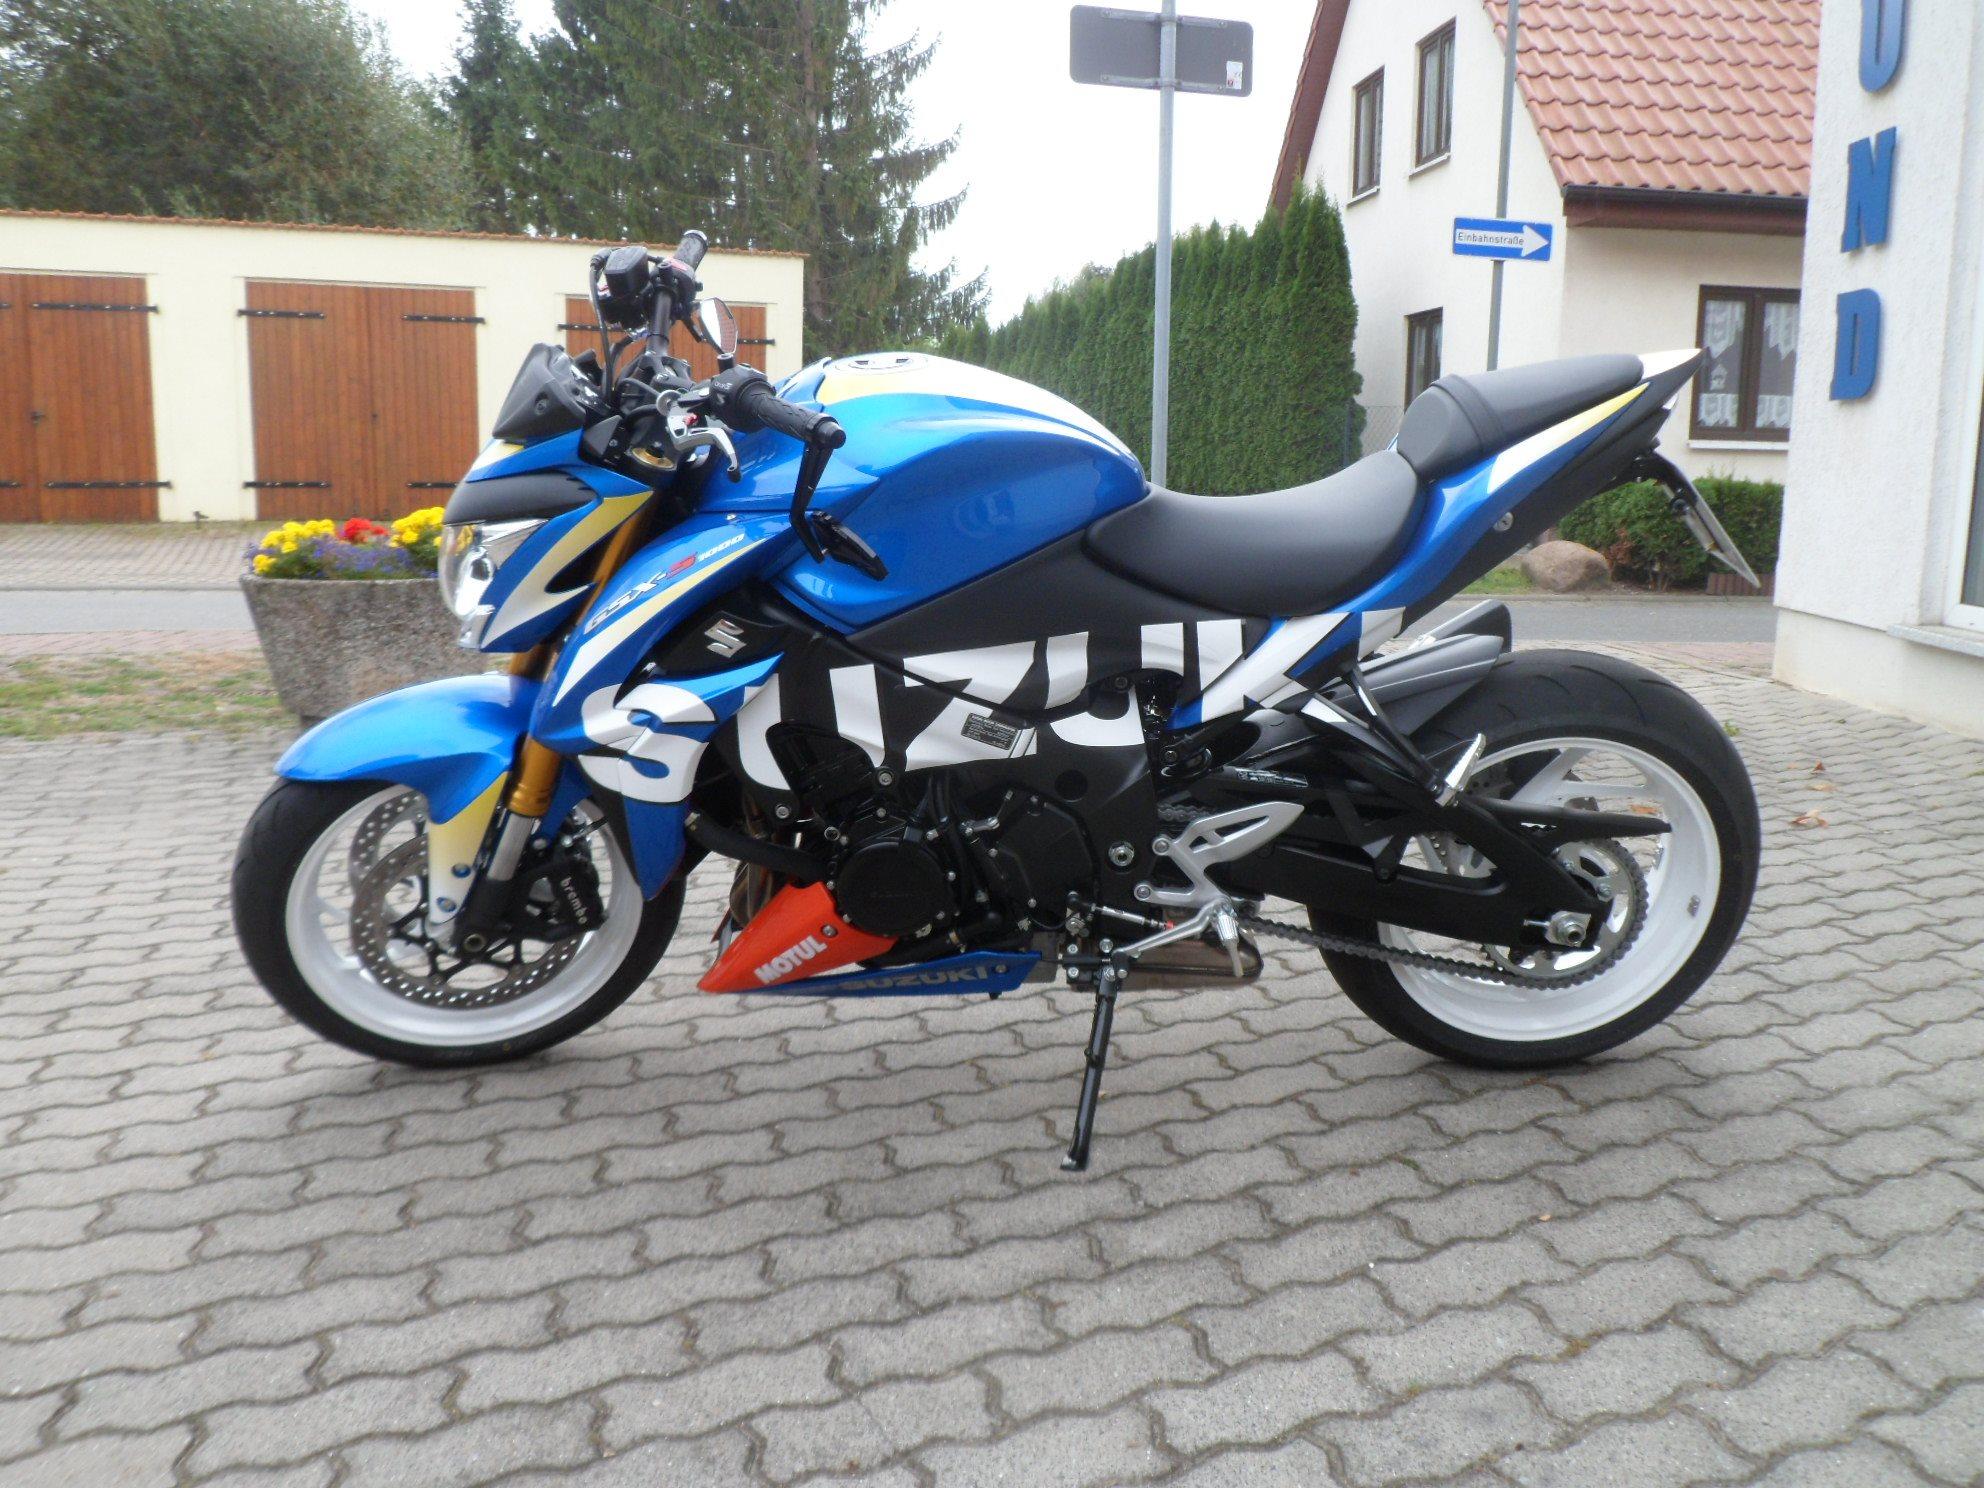 umgebautes motorrad suzuki gsx s 1000 motogp von motorrad wasmund gmbh. Black Bedroom Furniture Sets. Home Design Ideas